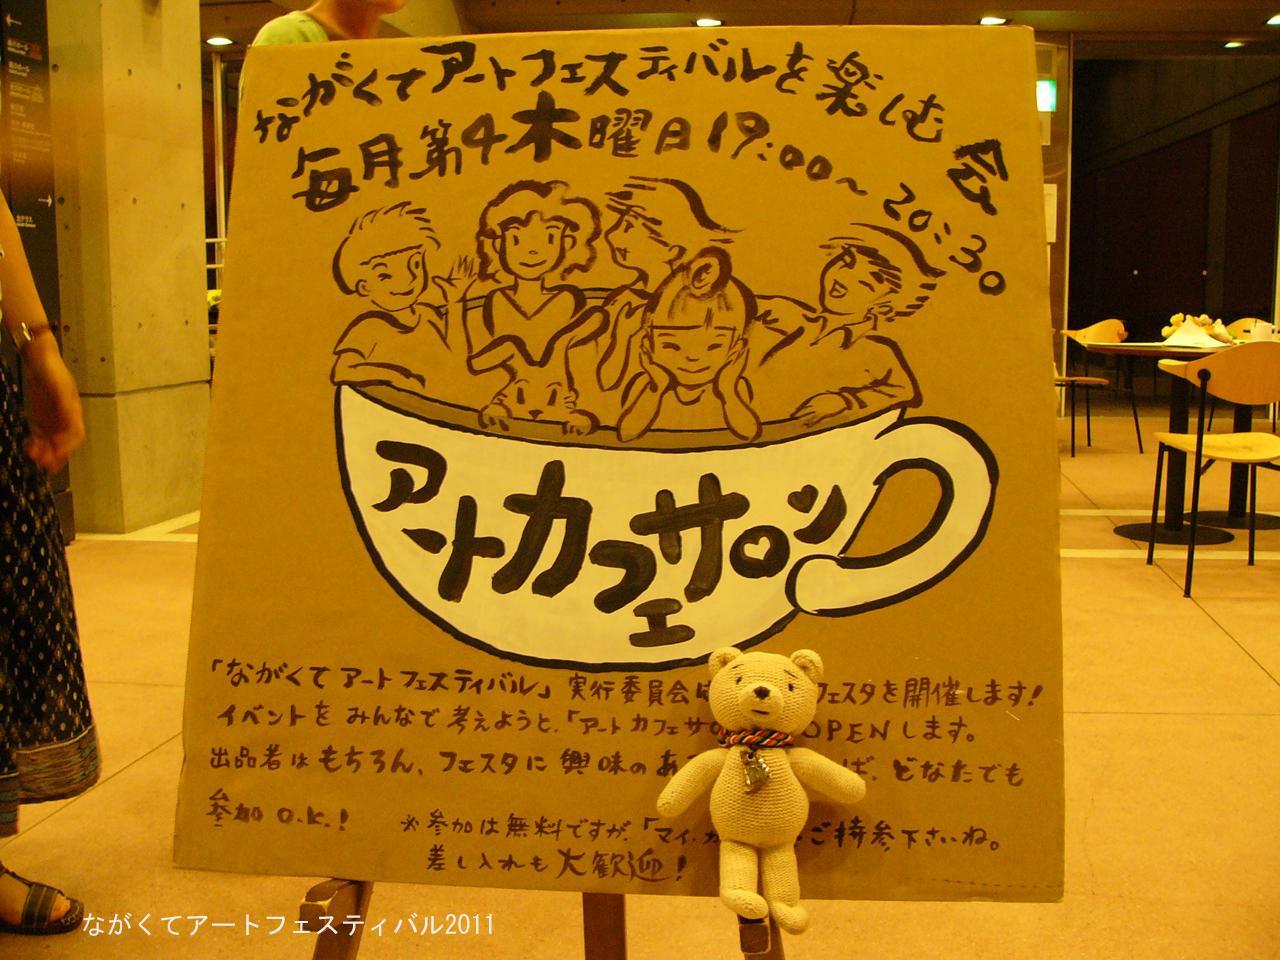 ながくてアートカフェサロン2011☆